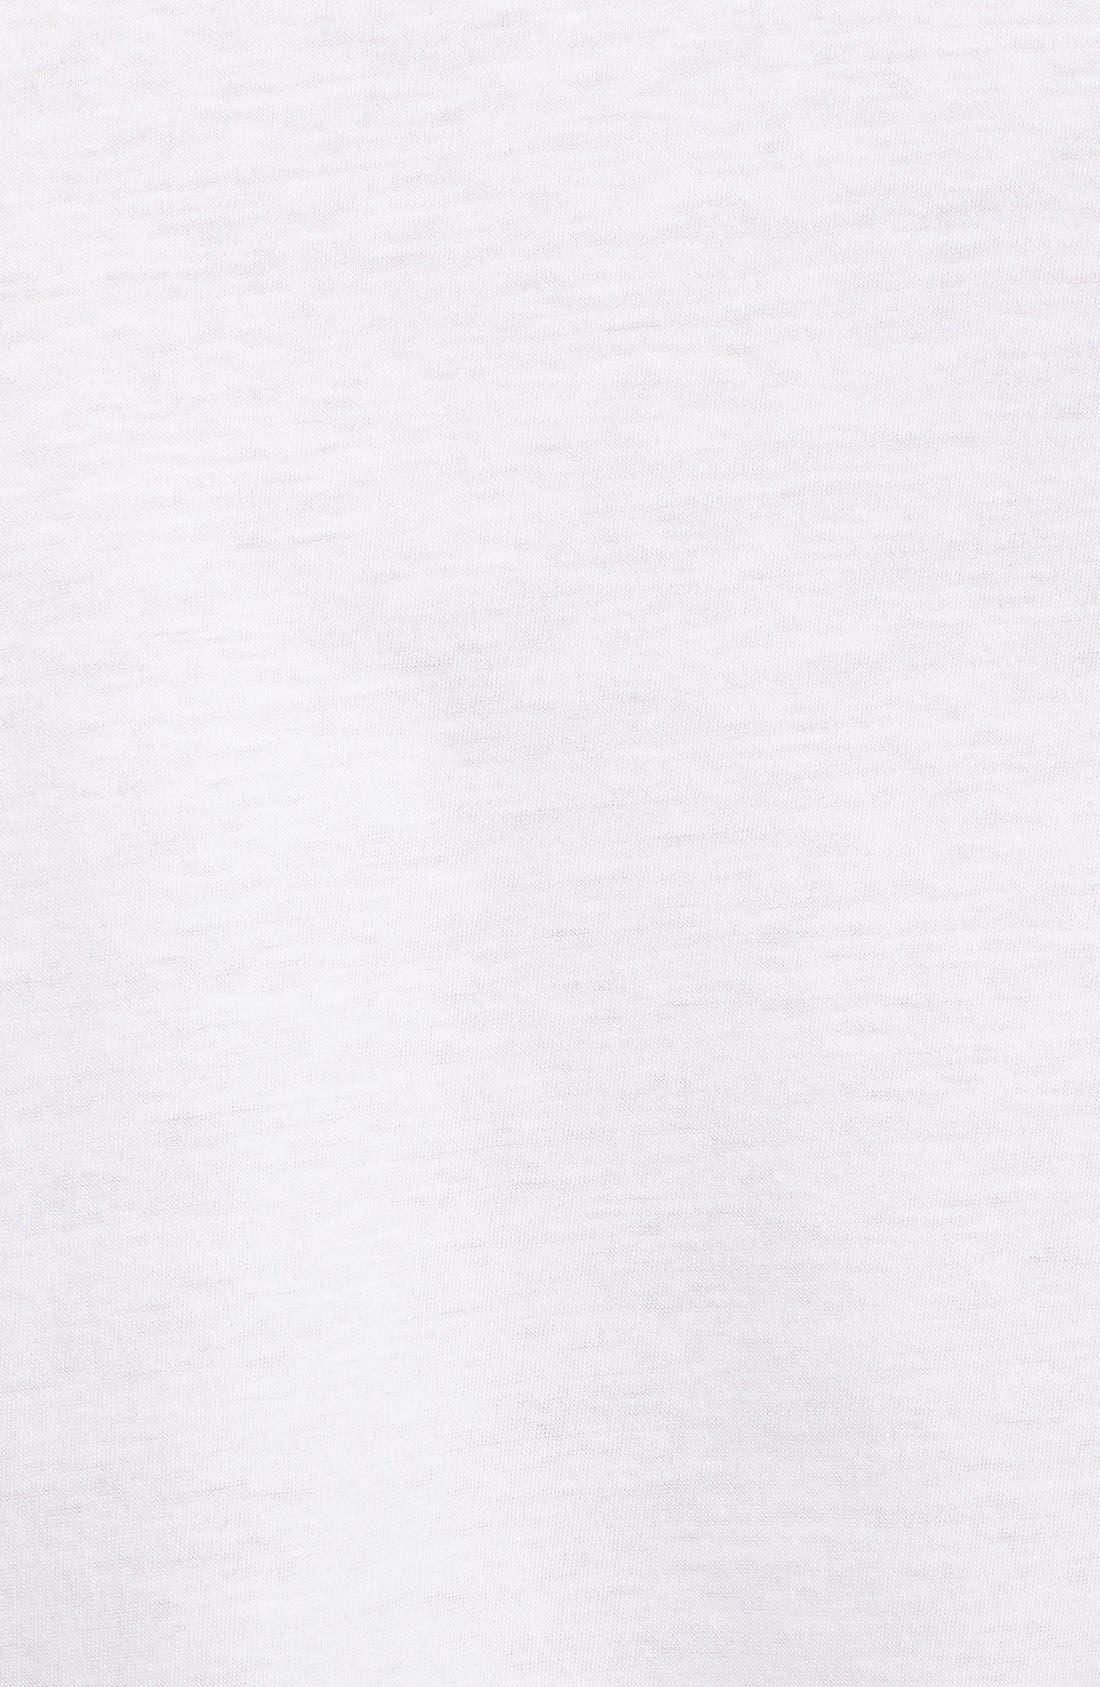 Slim Fit 3-Pack Cotton T-Shirt,                             Alternate thumbnail 6, color,                             100